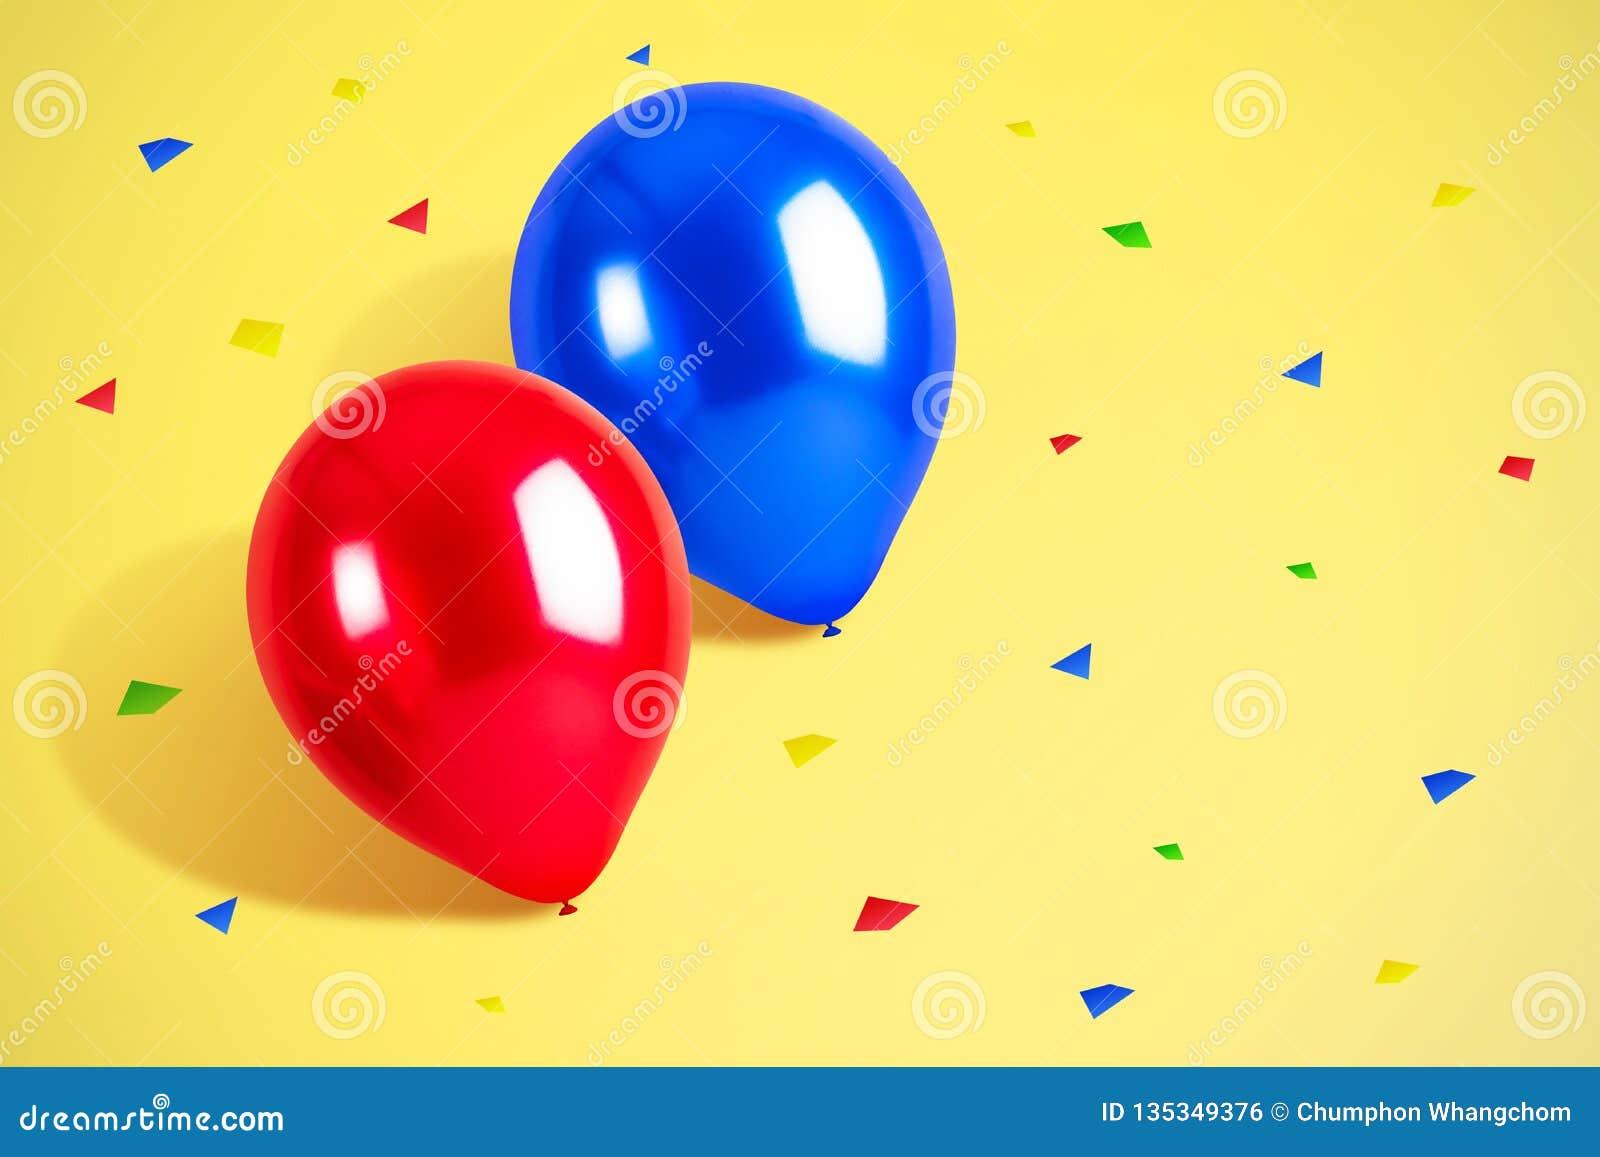 Ζωηρόχρωμα μπαλόνια με το υπόβαθρο κομφετί κενά γυαλιά διακοσμήσεων ντεκόρ σαμπάνιας πέρα από το μετάξι δύο συμβαλλόμενων μερών λ